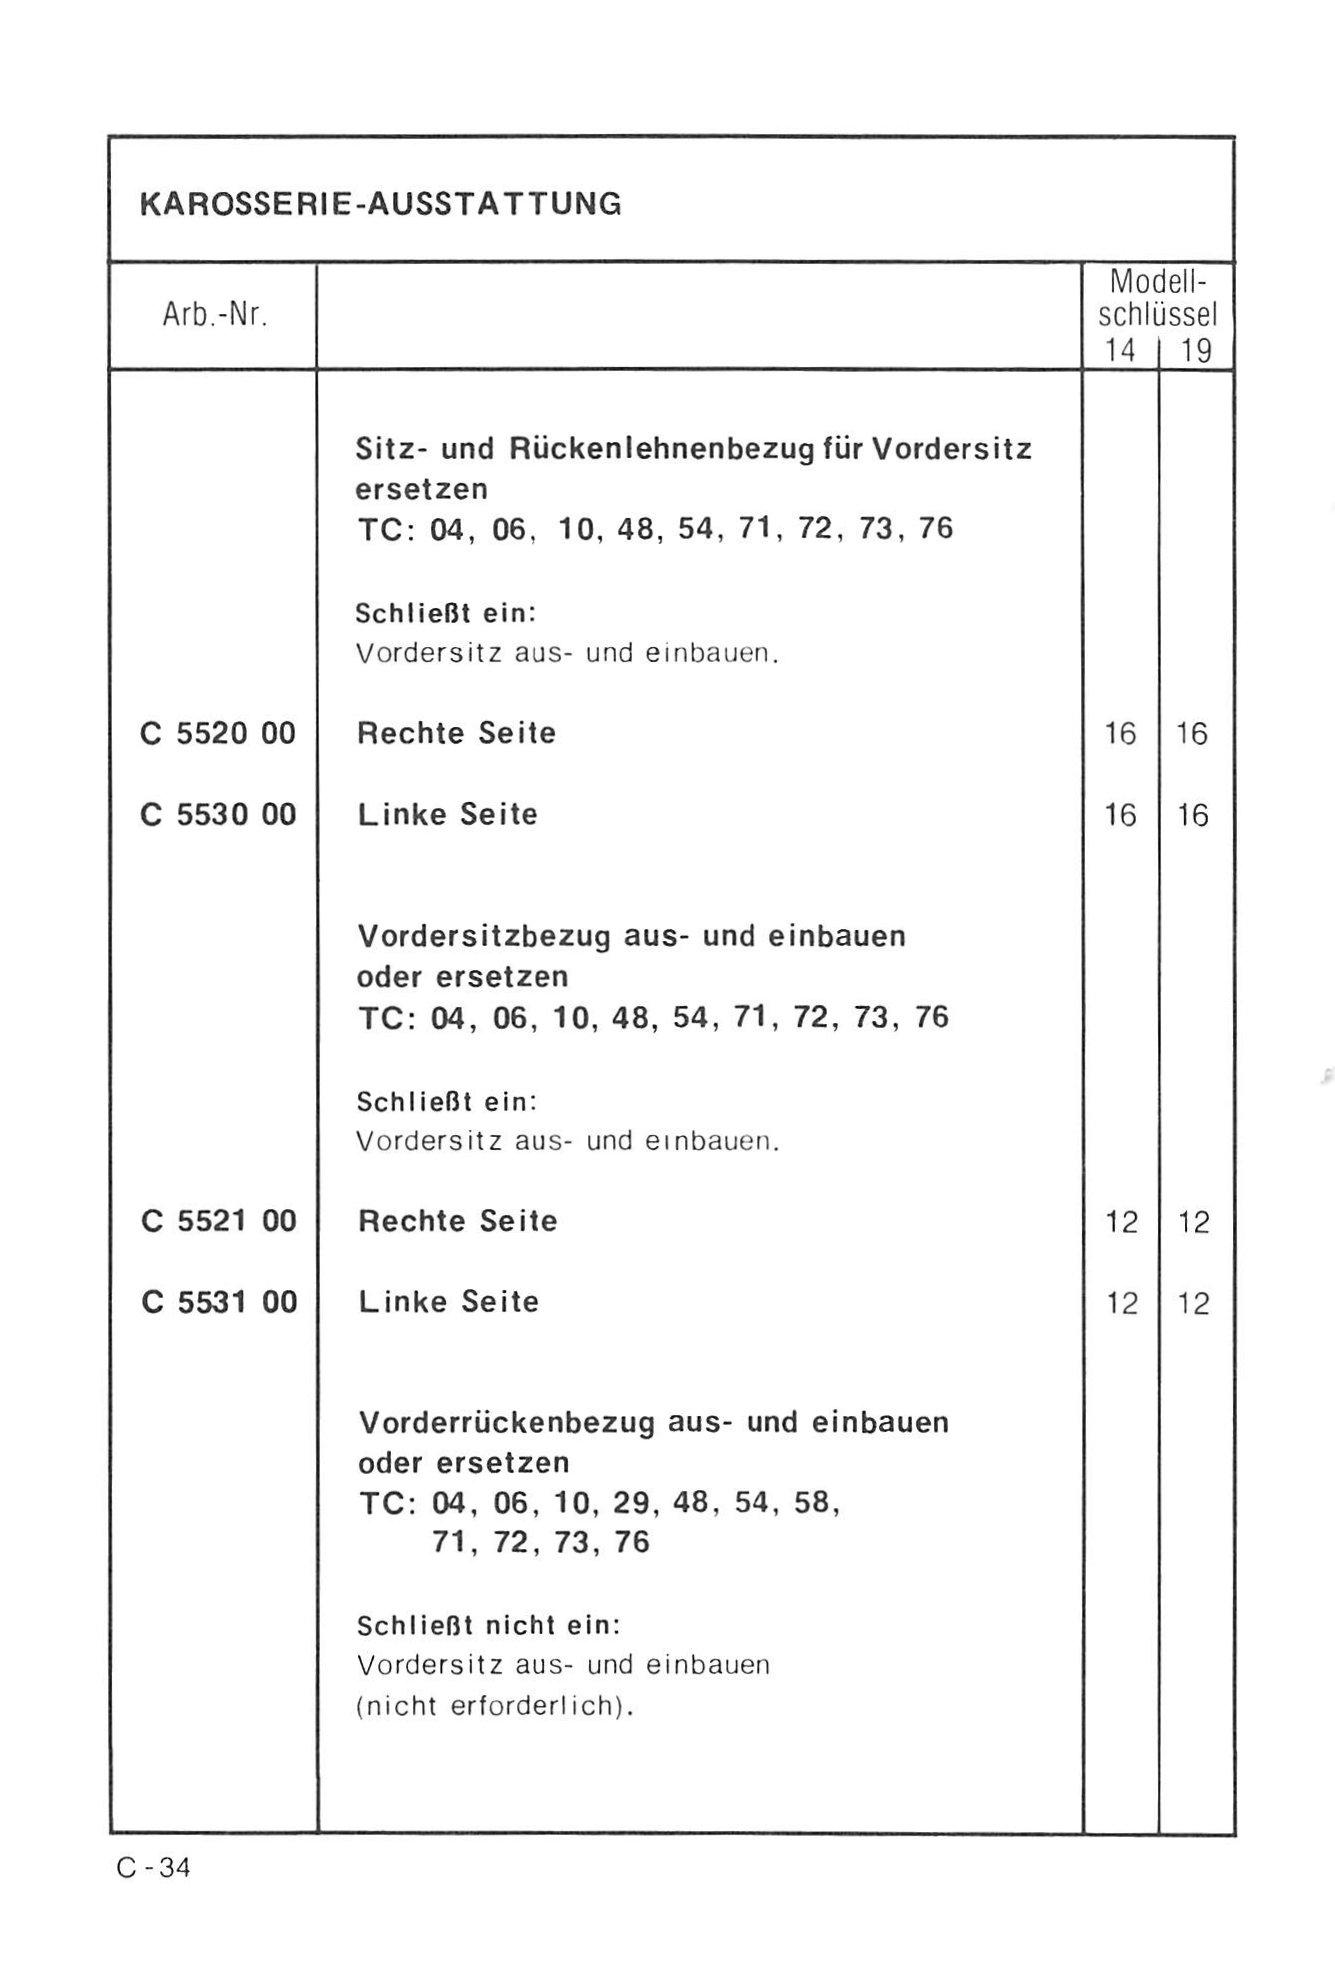 Ziemlich Drahtentfernungswerkzeug Fotos - Schaltplan Serie Circuit ...